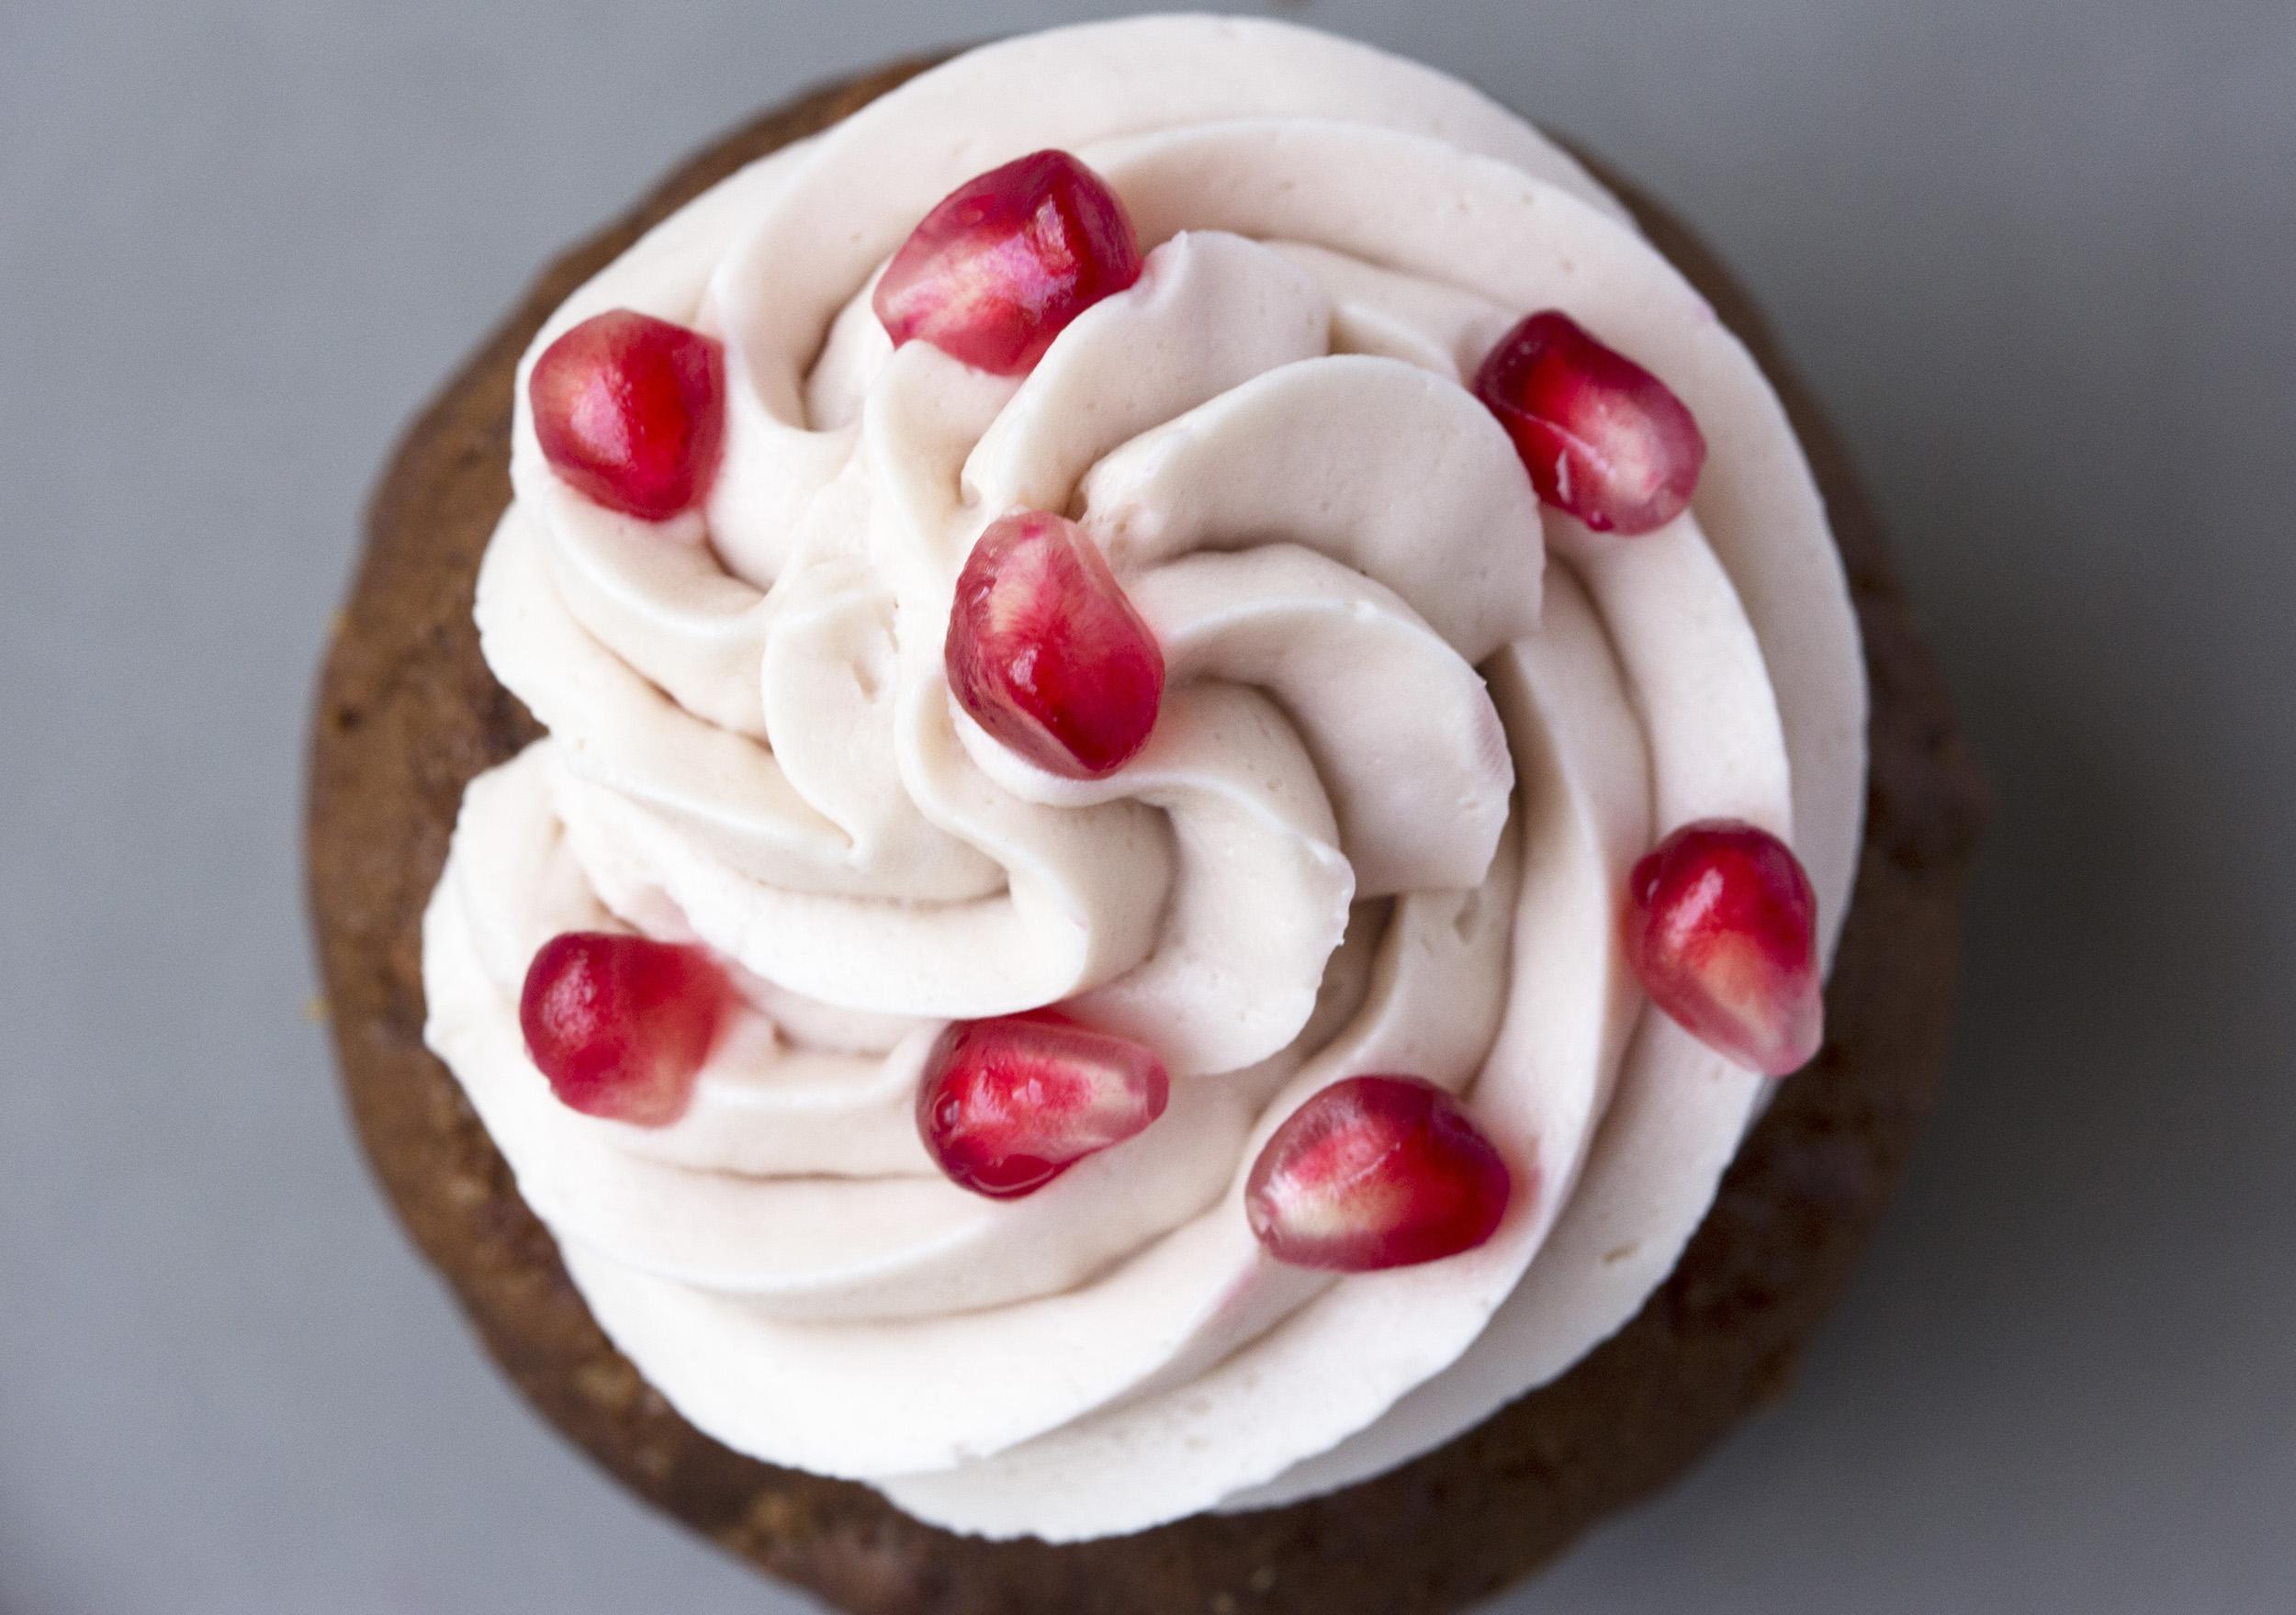 cupcake_0004.jpg